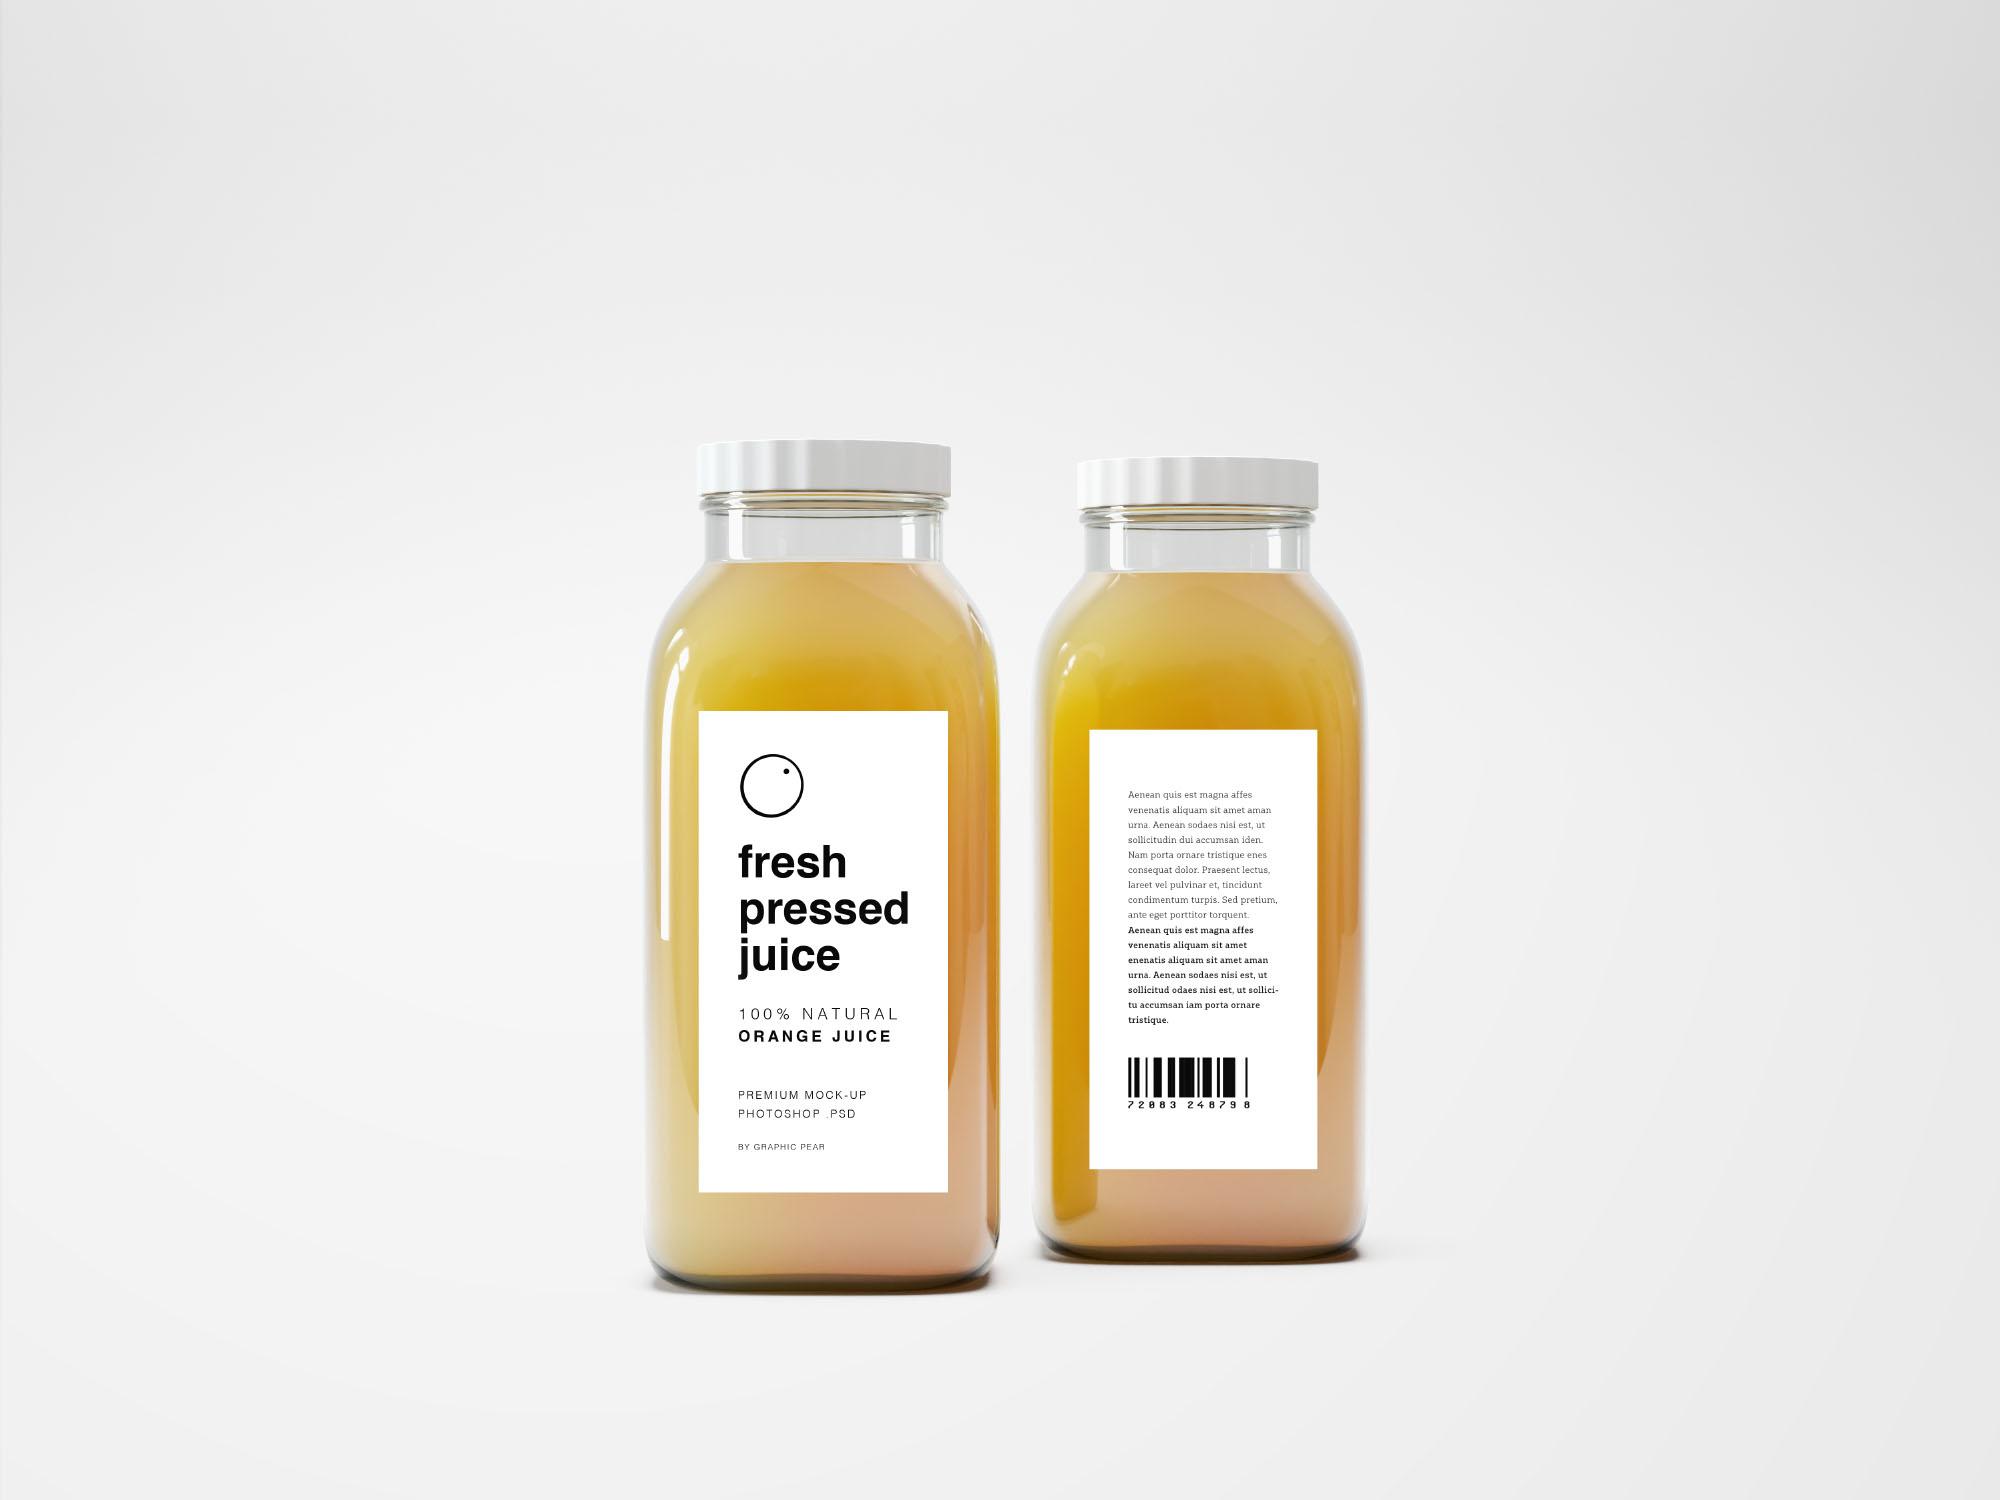 glass juice bottle mockup psd